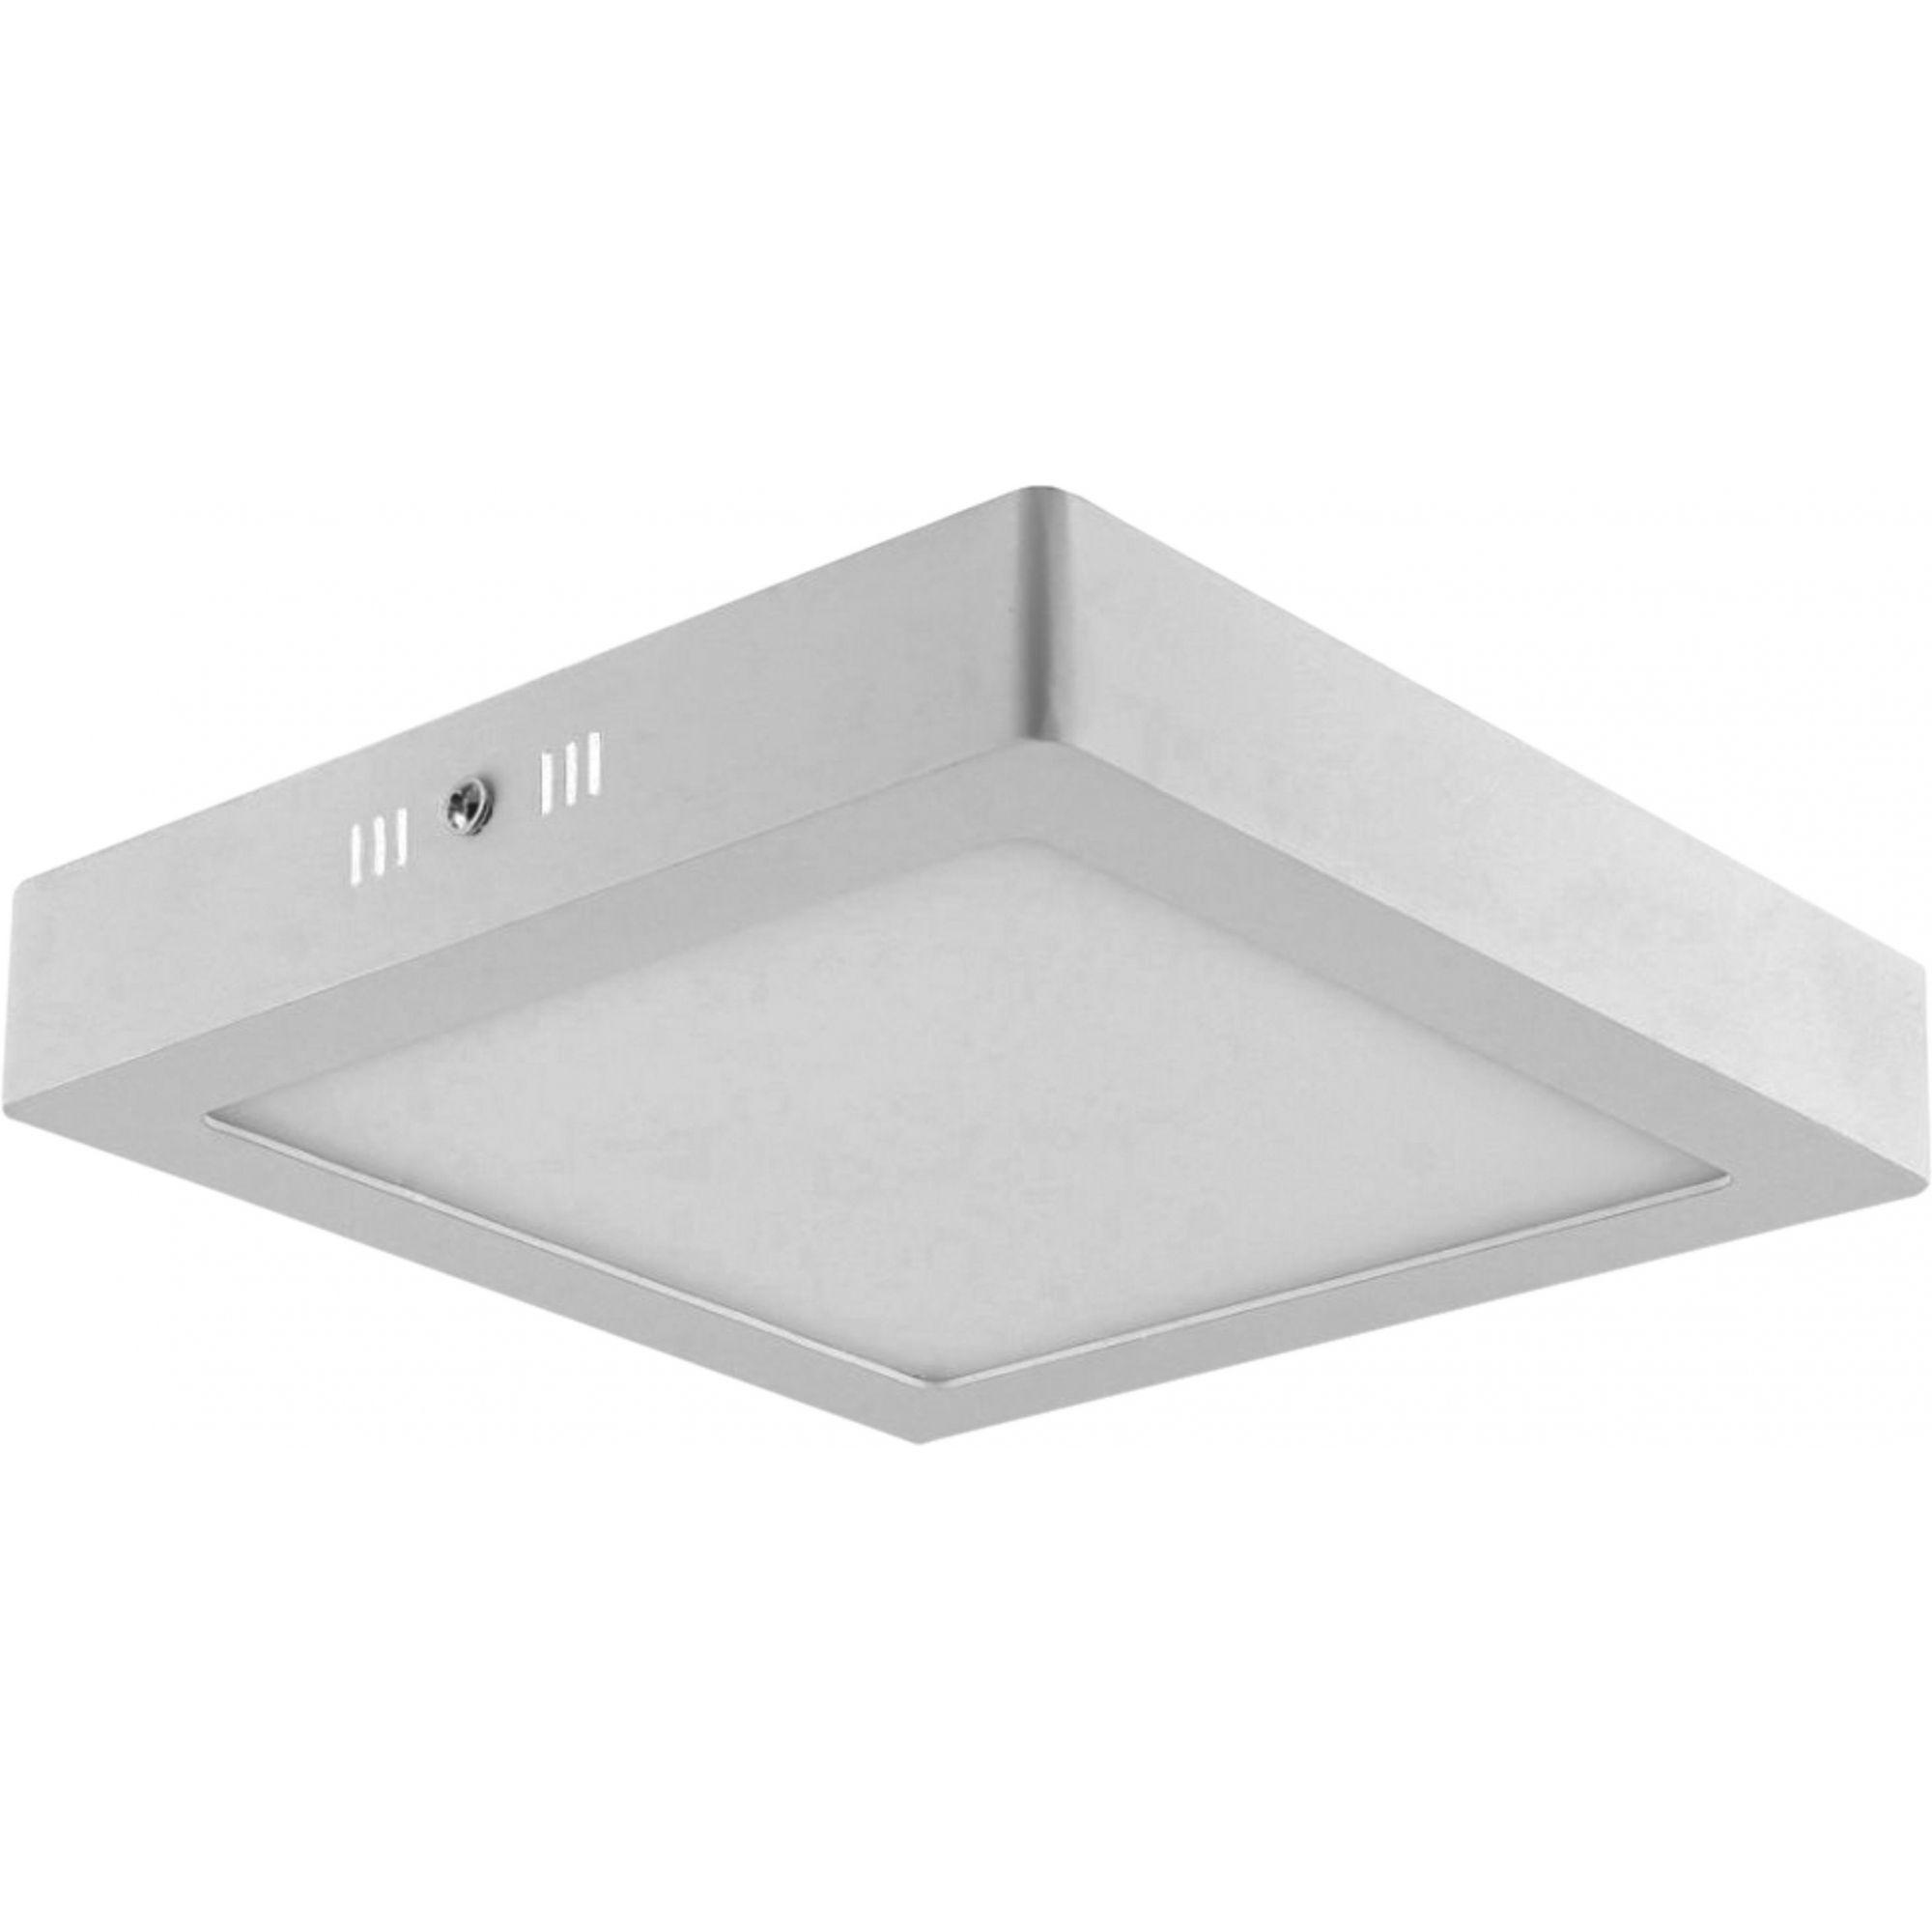 Painel LED Sobrepor Dimerizável 24W 30X30CM Quadrado 110V  - Branco Frio 6000K